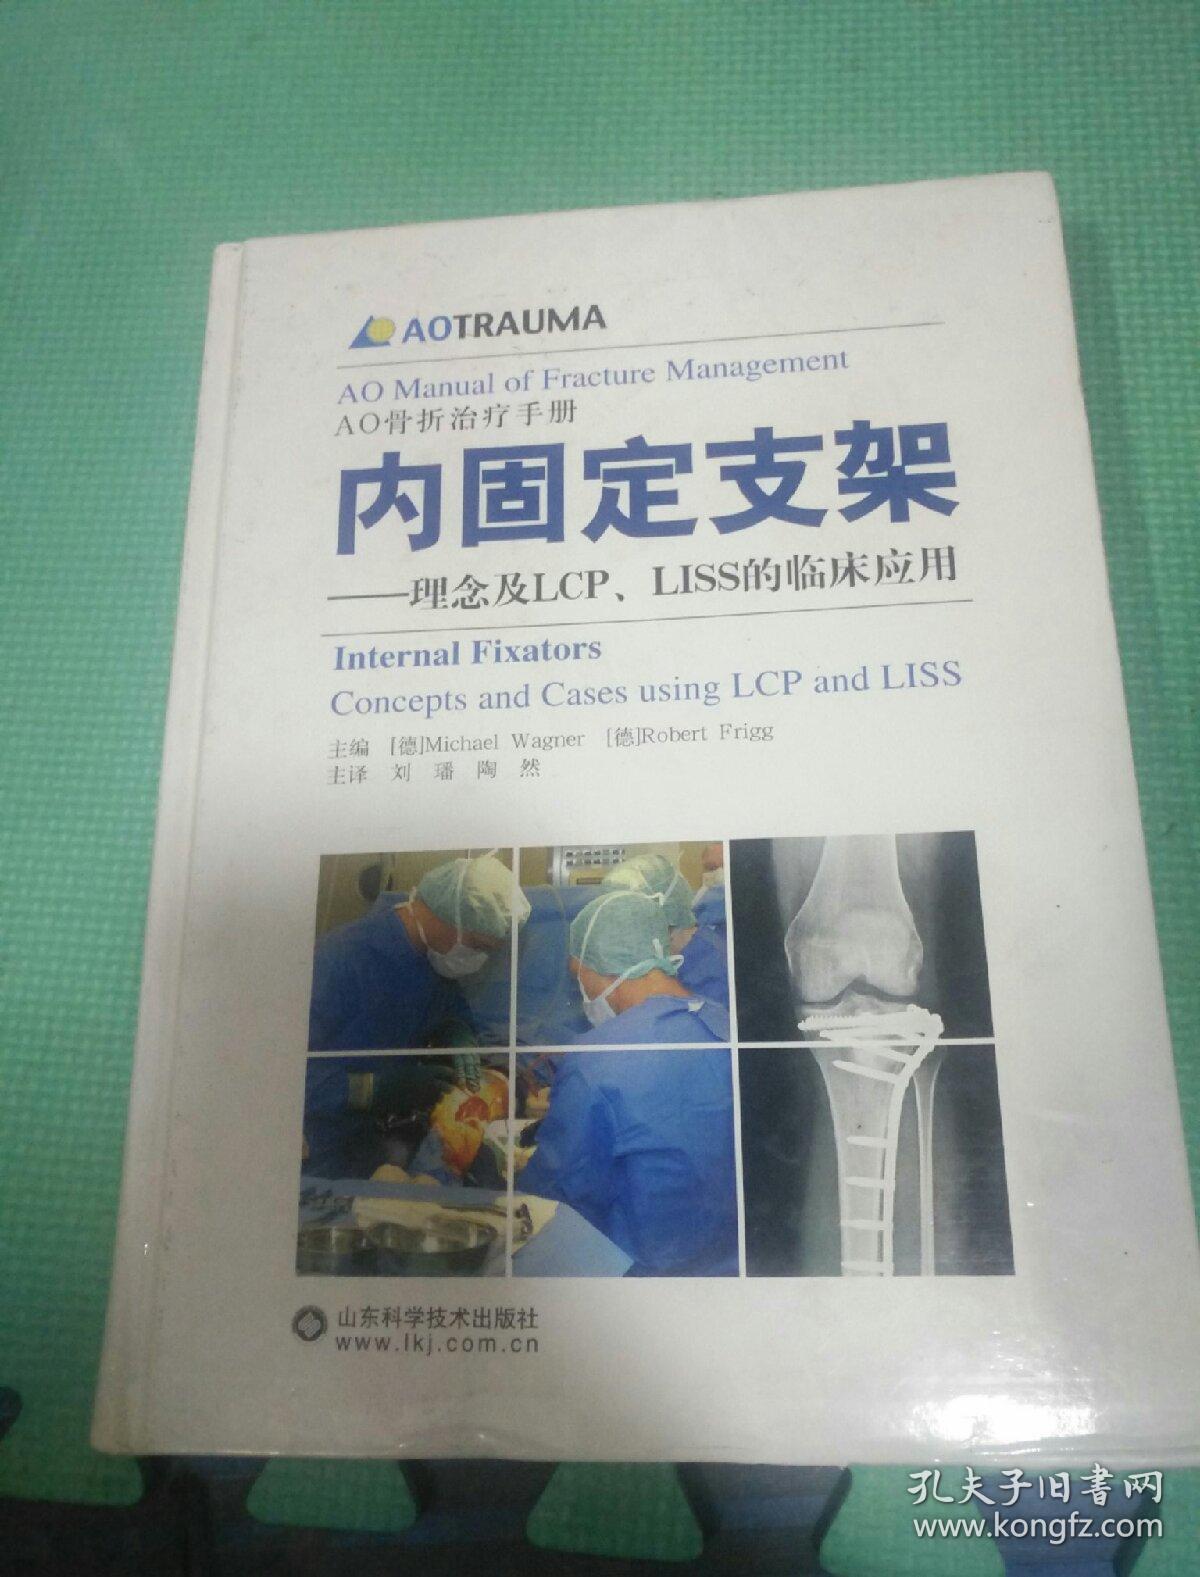 内固定支架:理念及LCP、LISS的临床应用